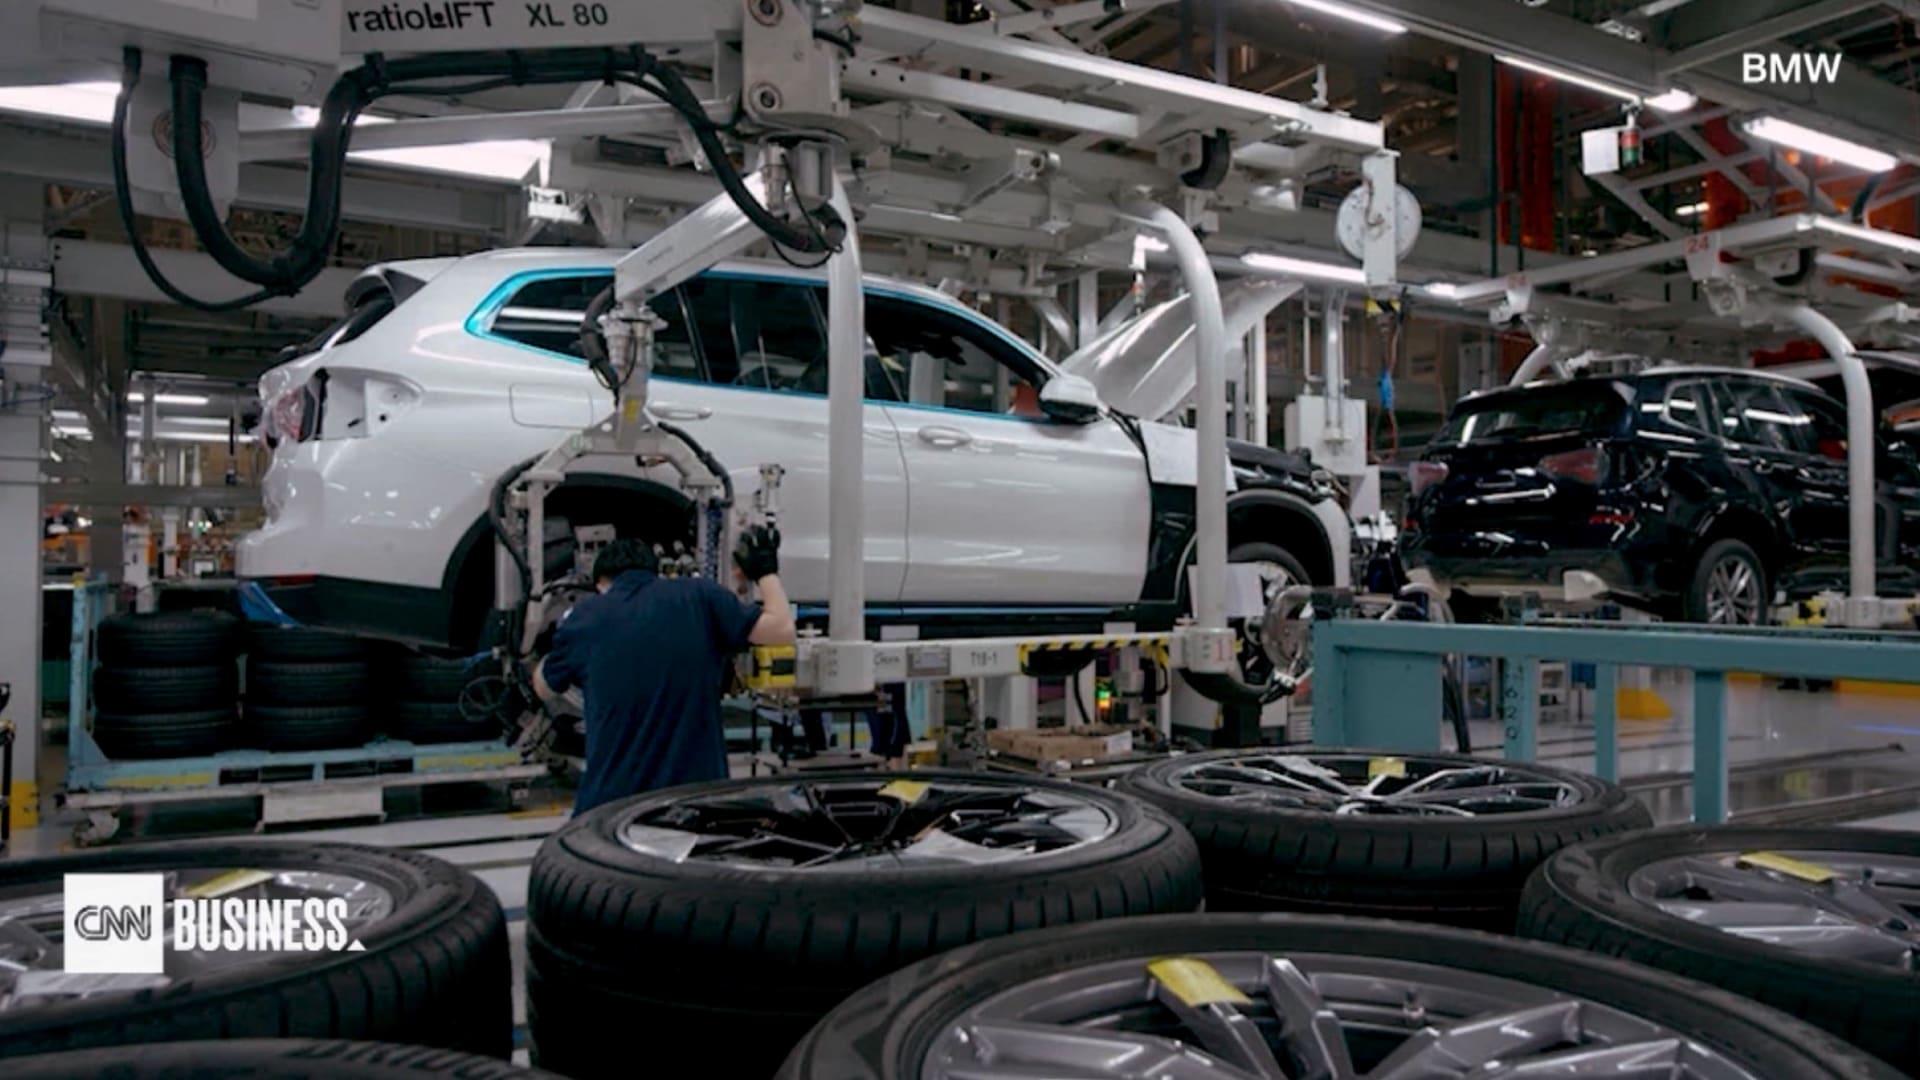 شركة BMW: لن تتخلى عن محركات الاحتراق الآن